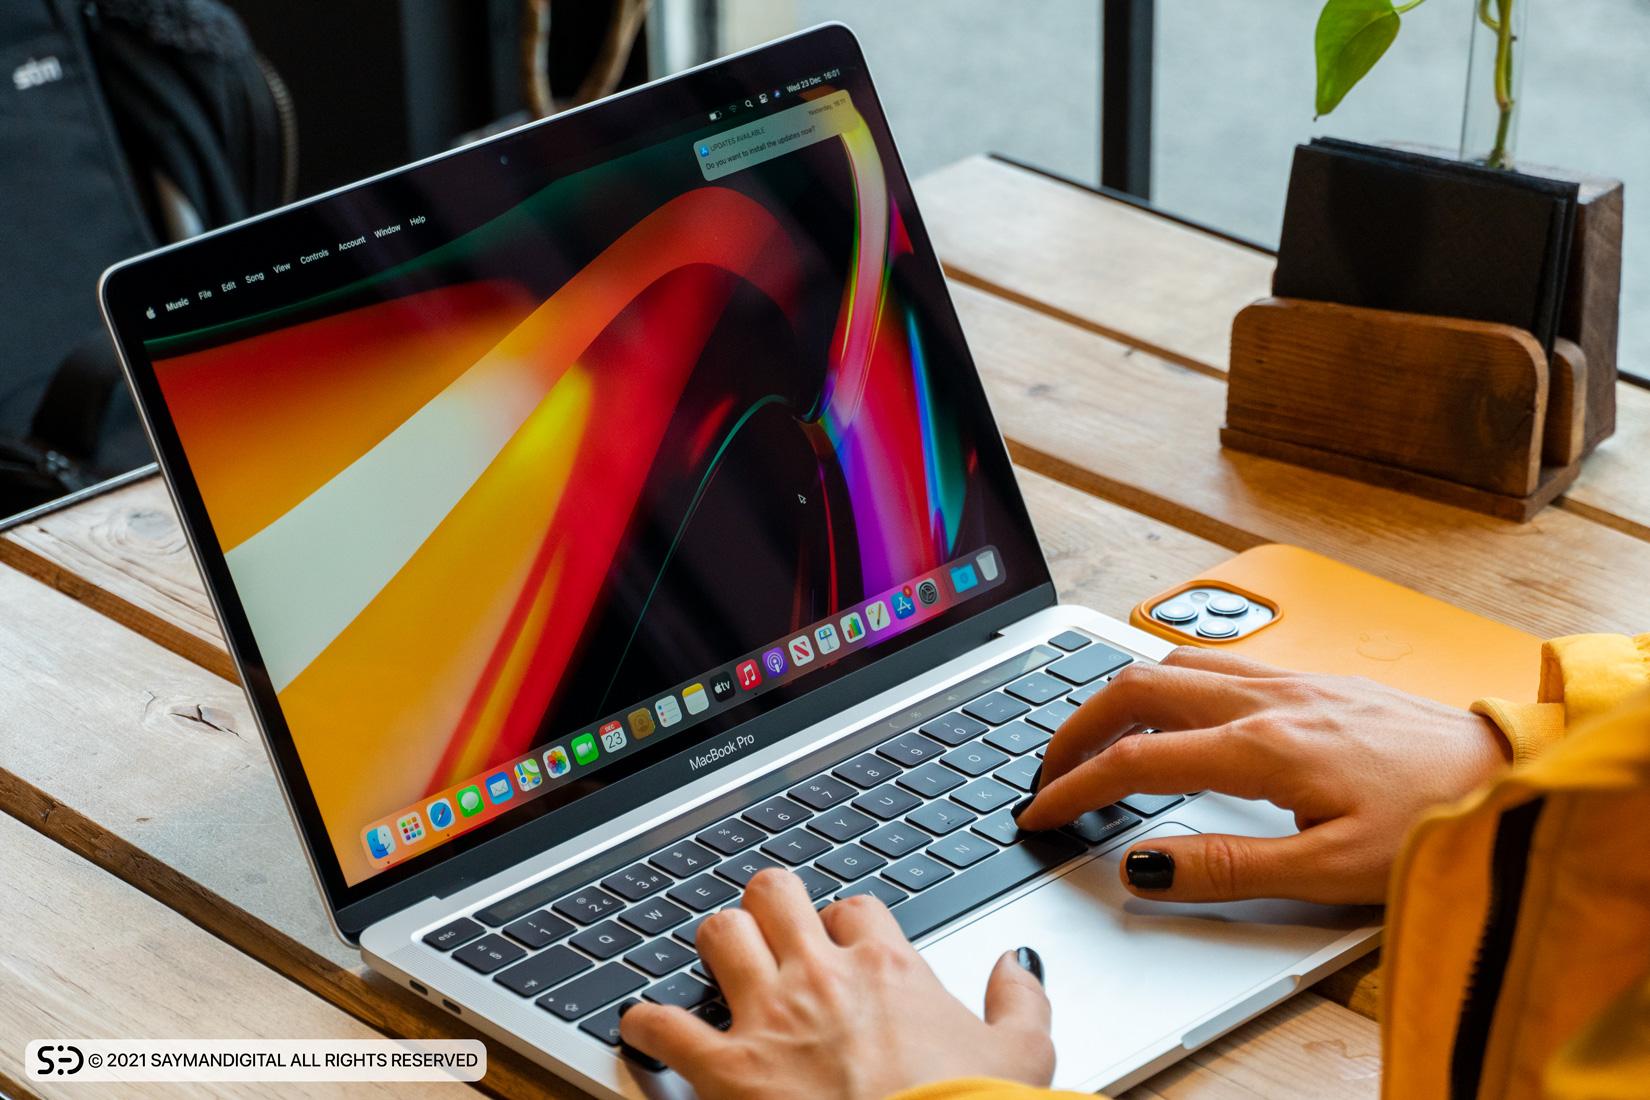 طراحی مک بوک پرو M1 اپل